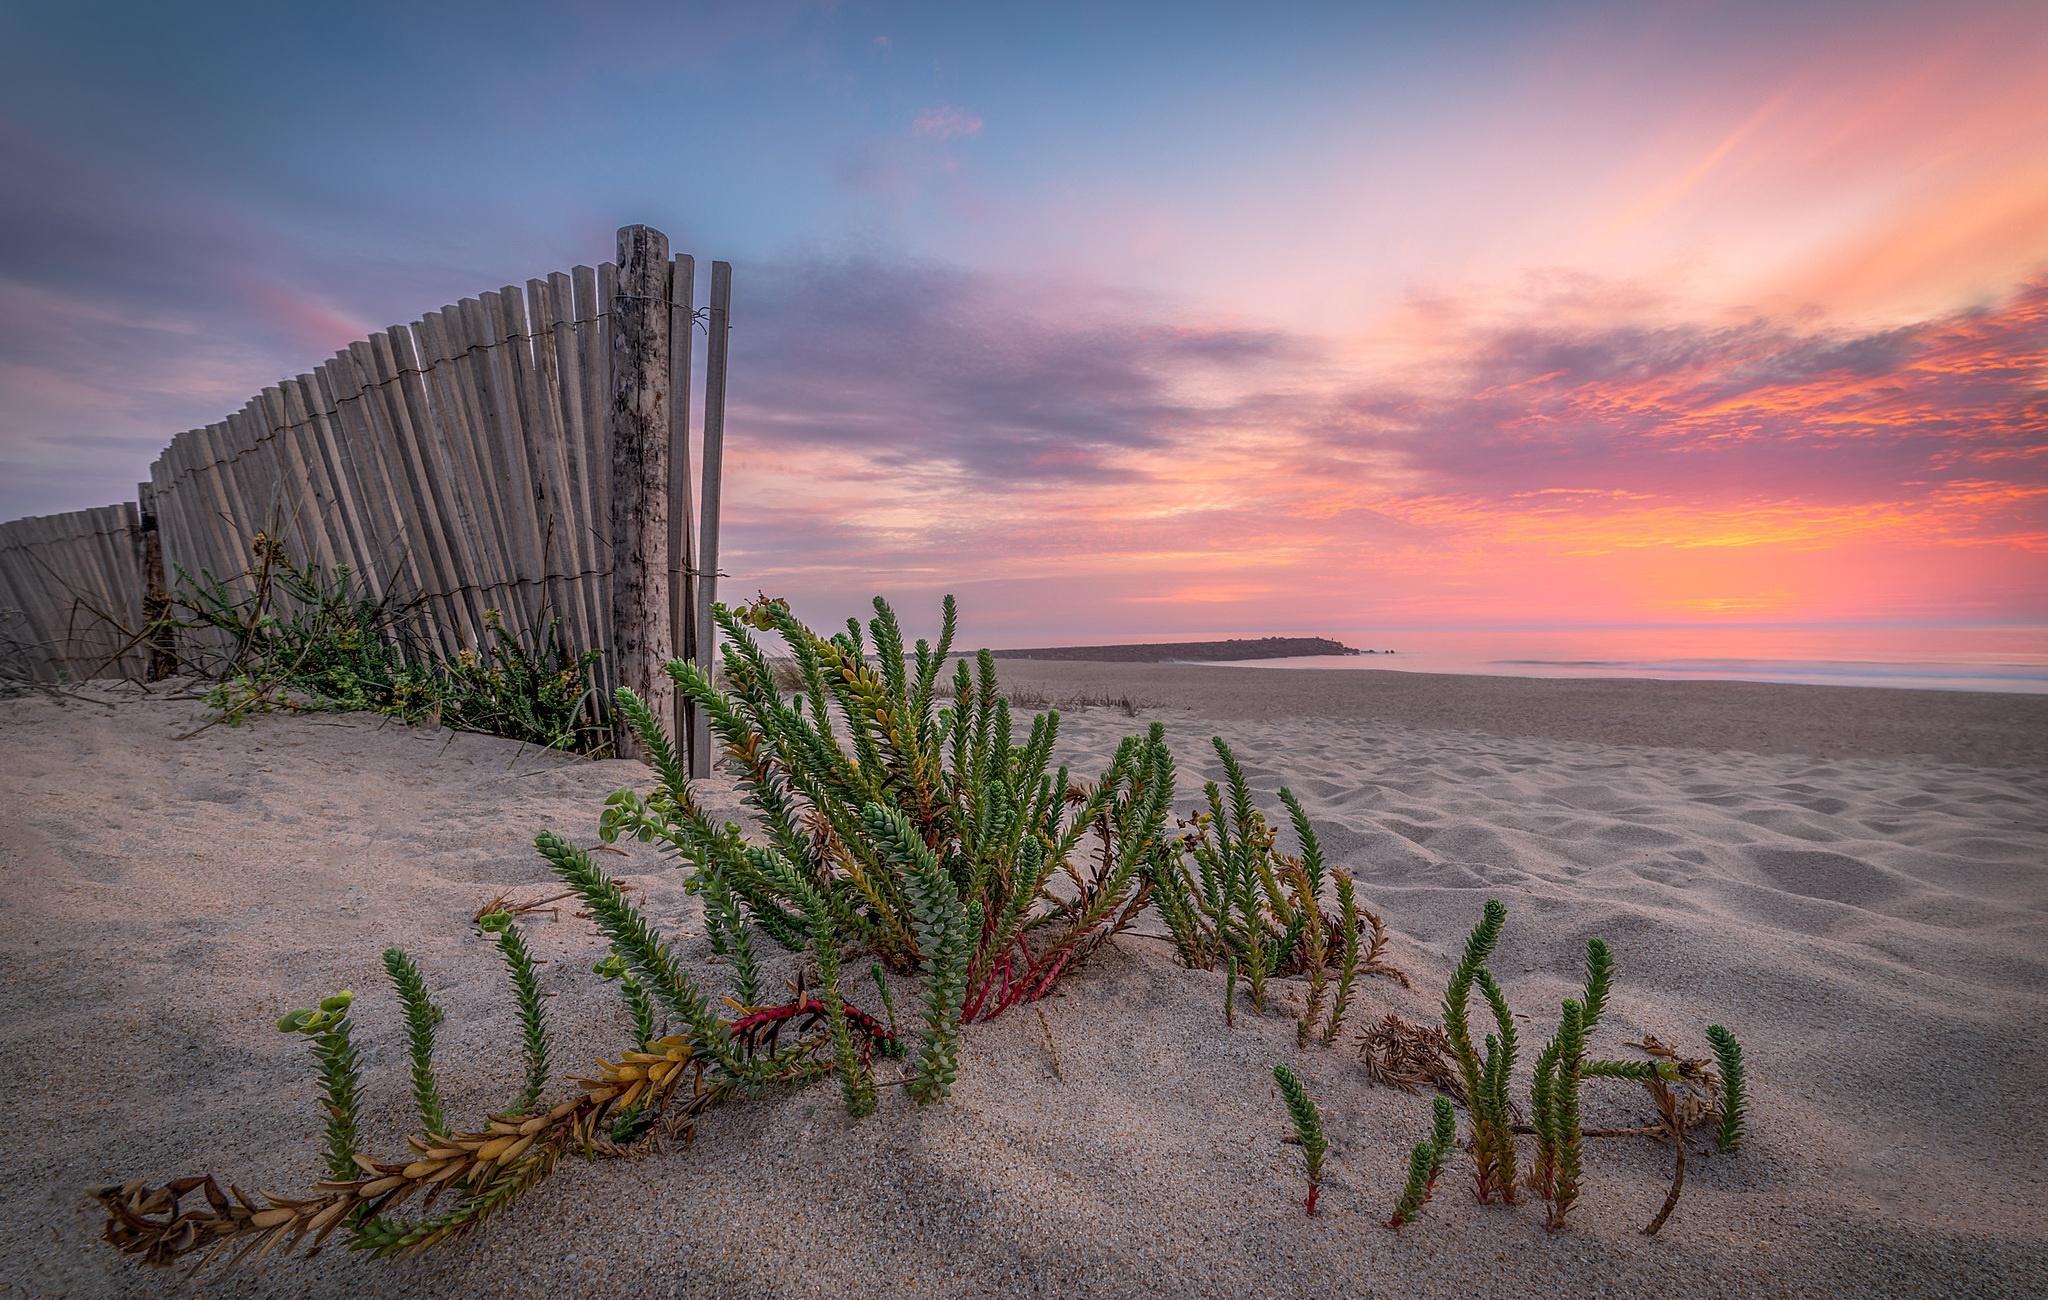 Beach Horizon Sand Sunset 2048x1300